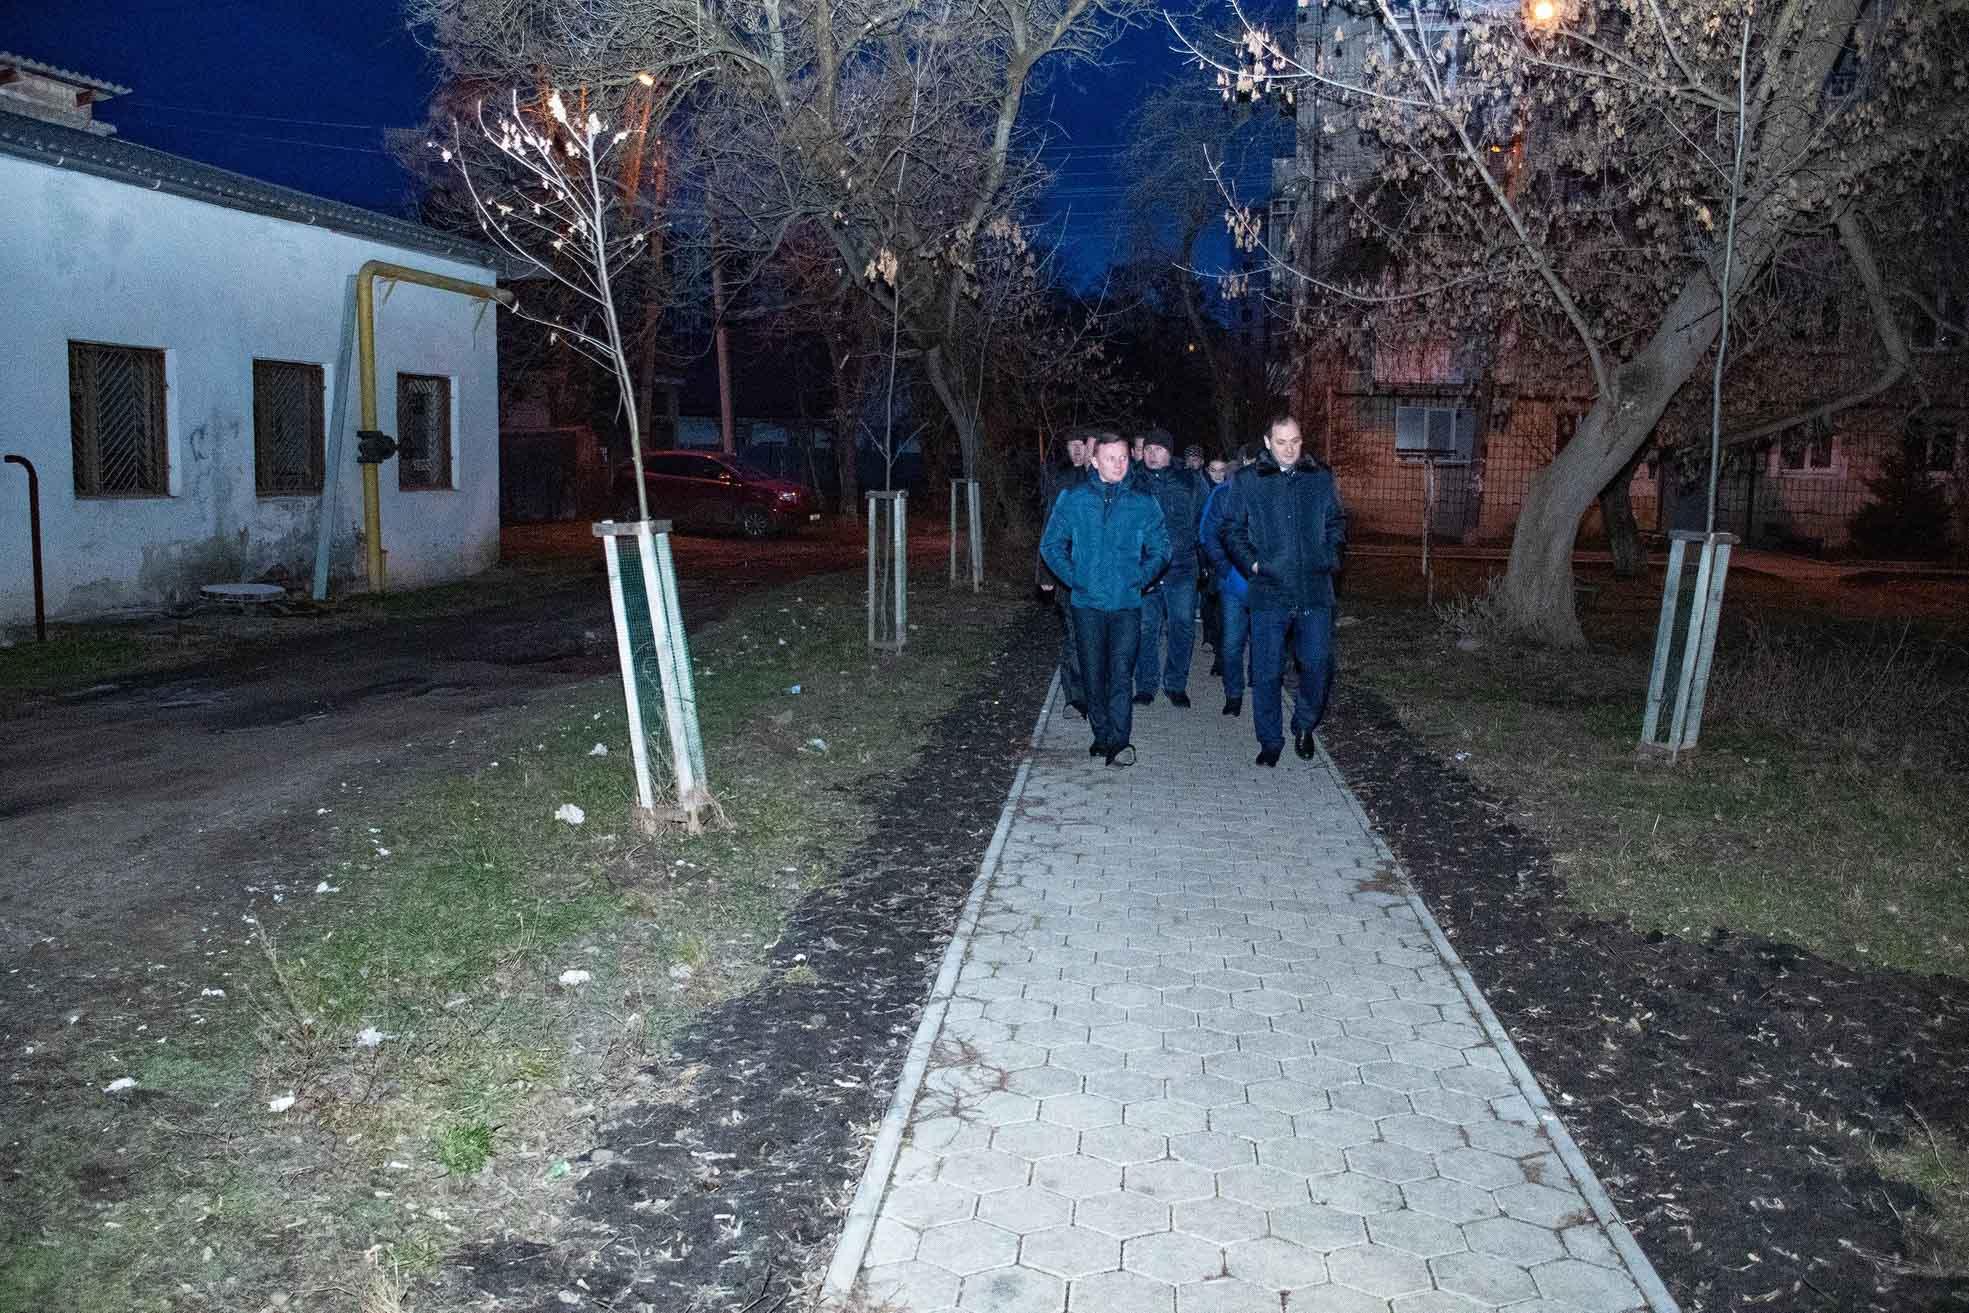 Марцінків удосвіта гуляв Набережною та сусідніми дворами (ФОТО)